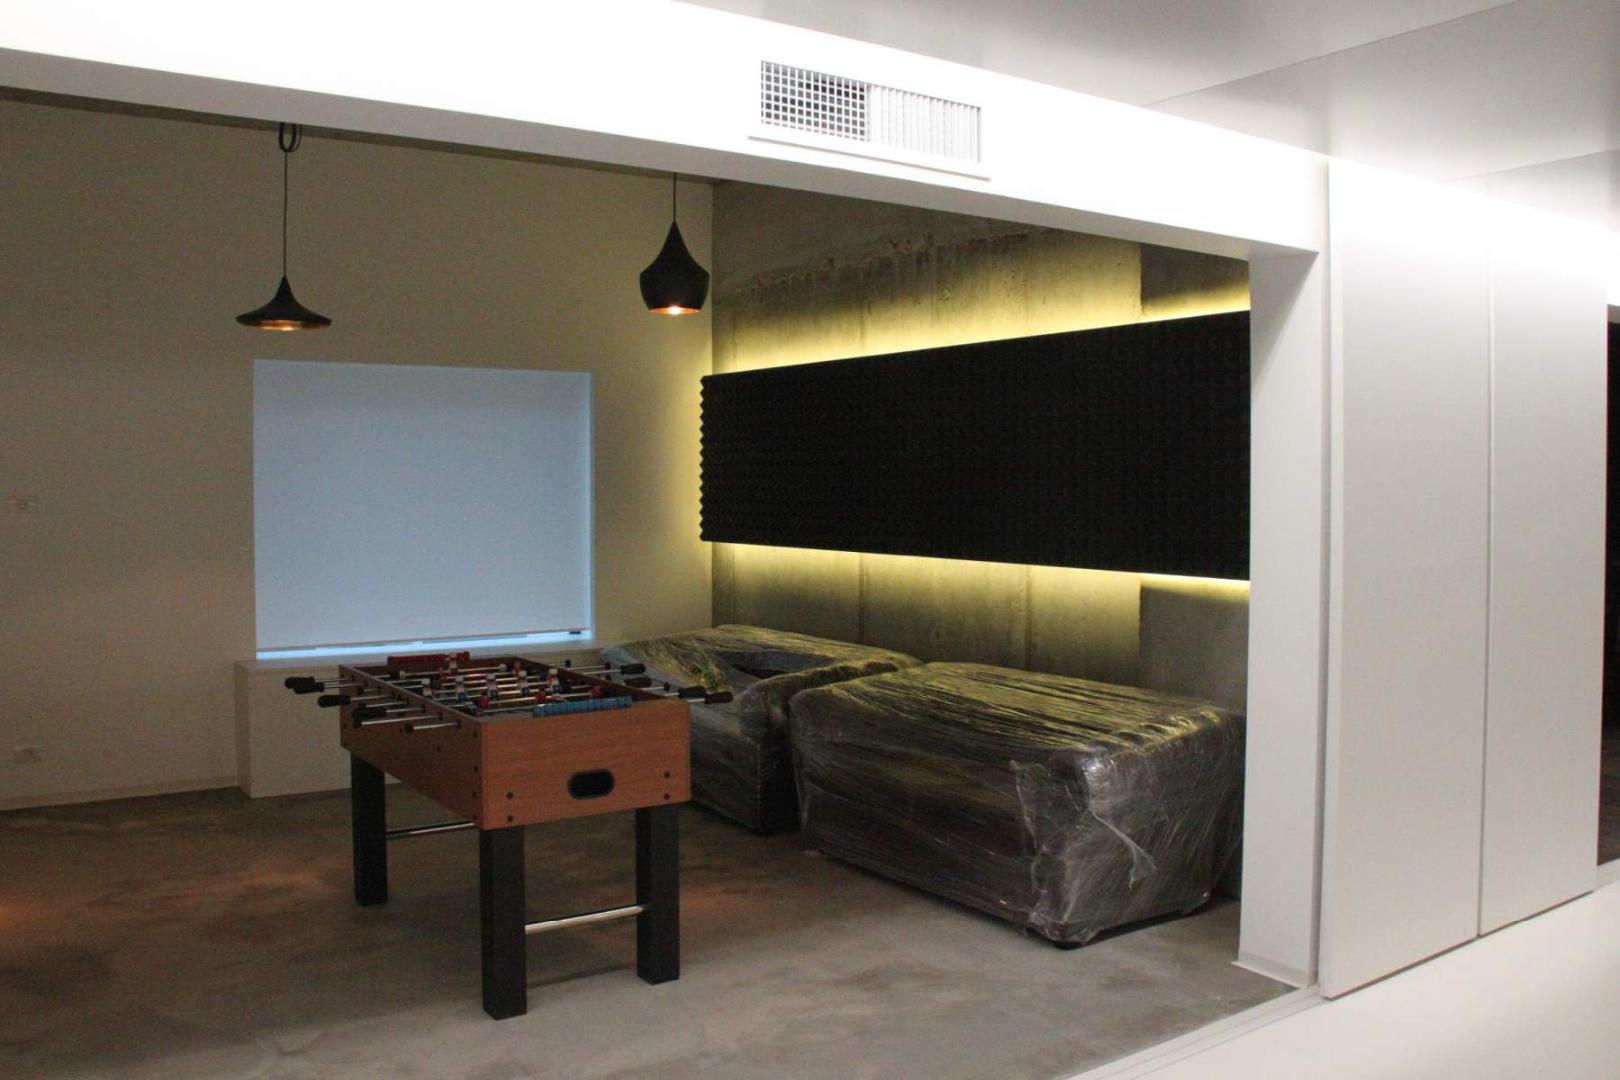 Art cafe mobilier horeca cafenea -lacari lemn masiv furnir bar scaune mese059